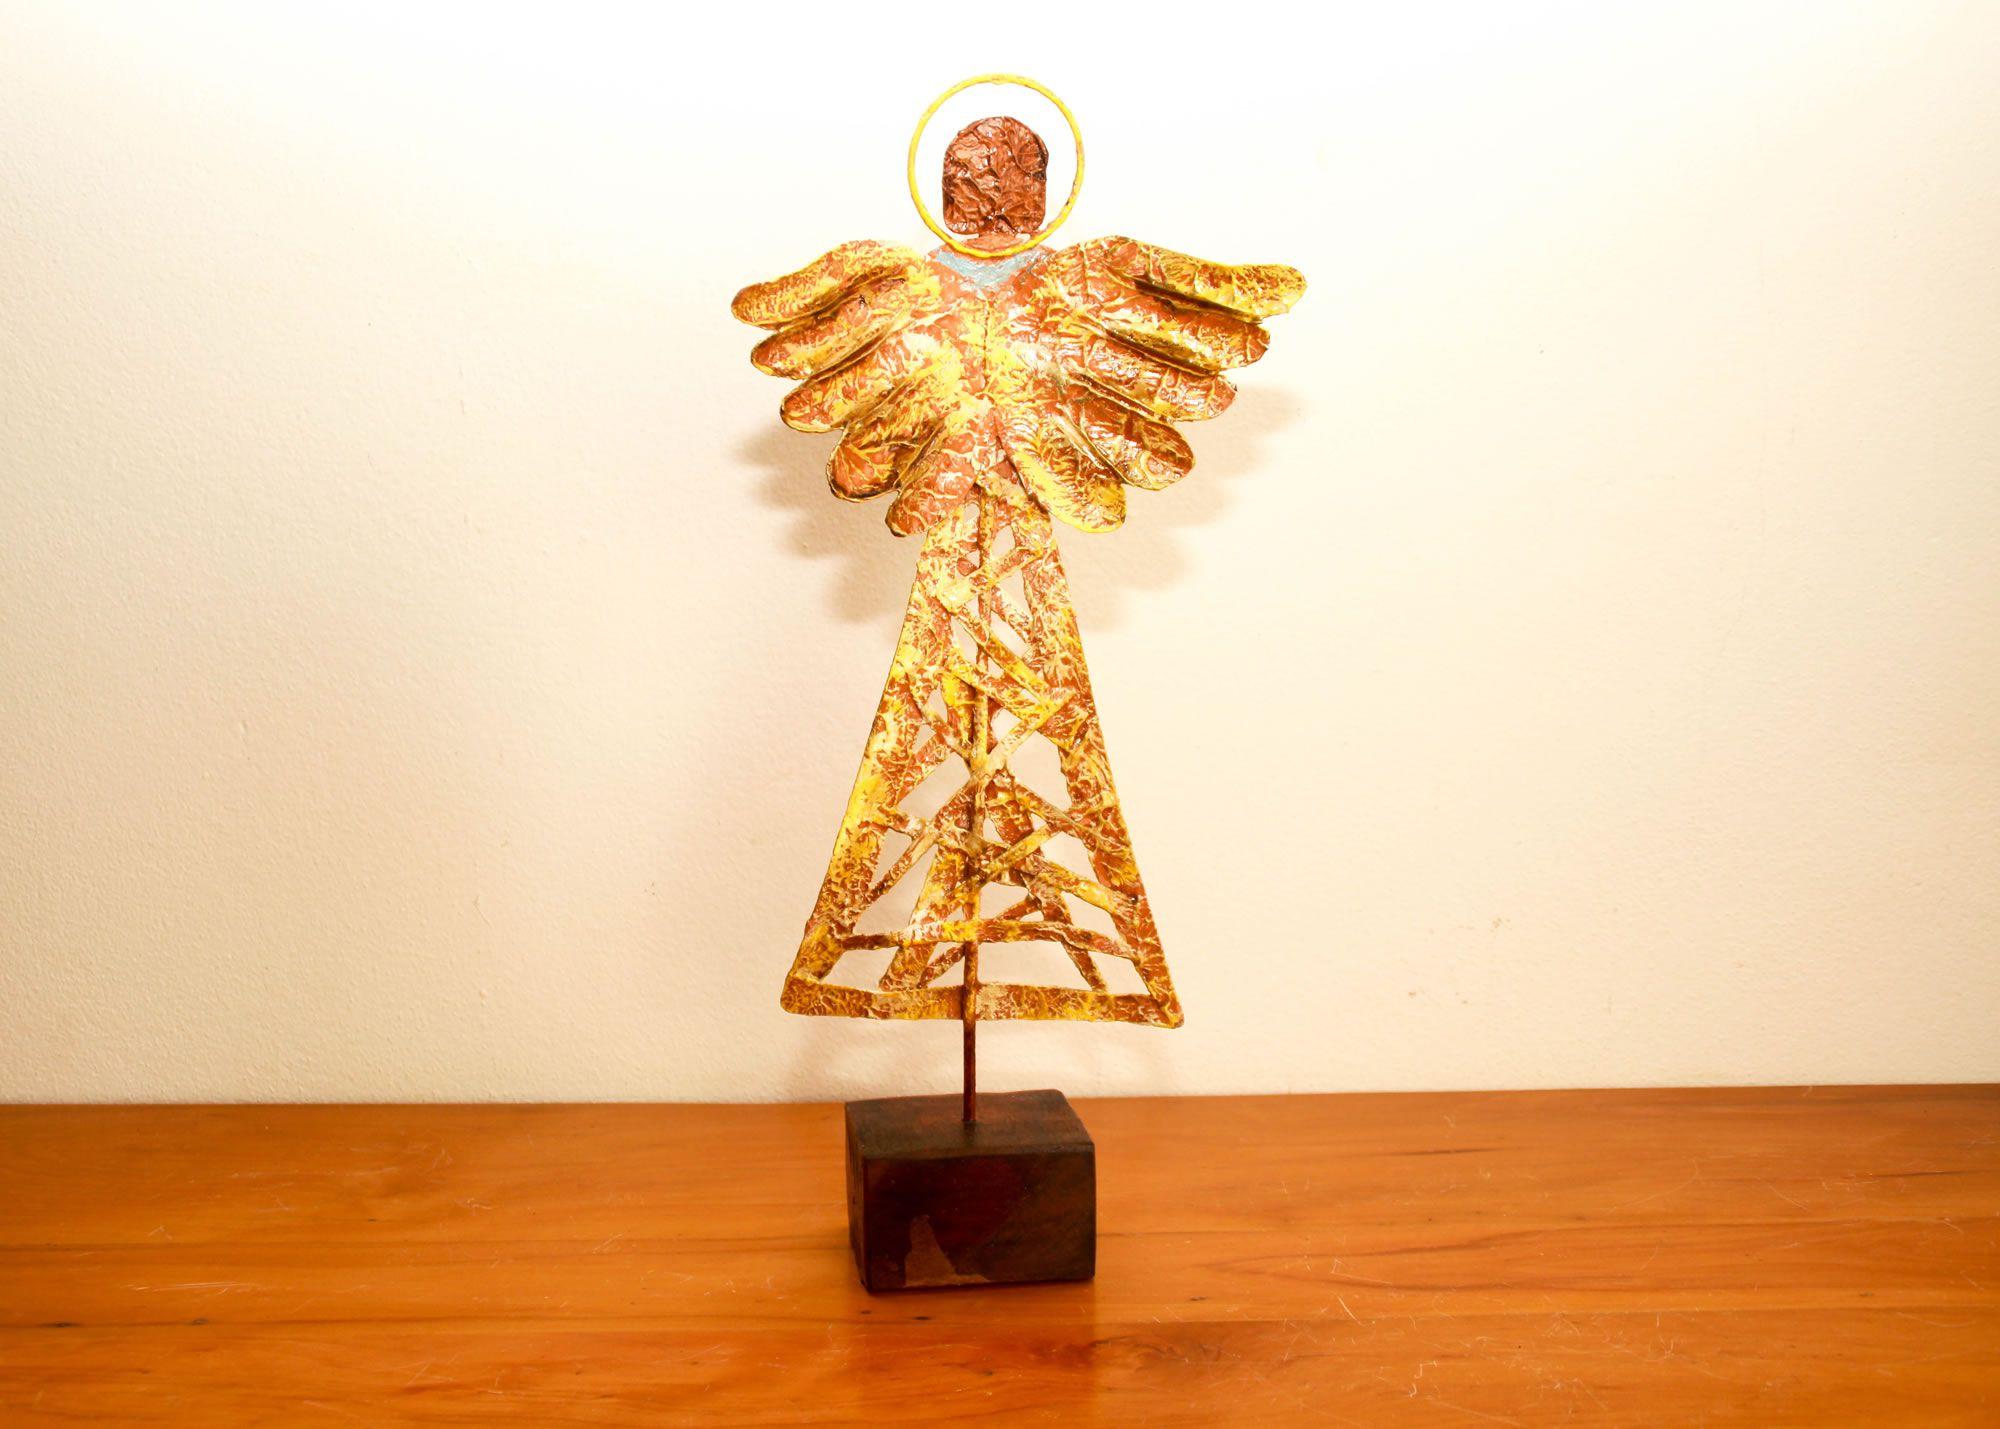 Anjo de lata e Ferro Artesanal Decorativo Frete Gratís